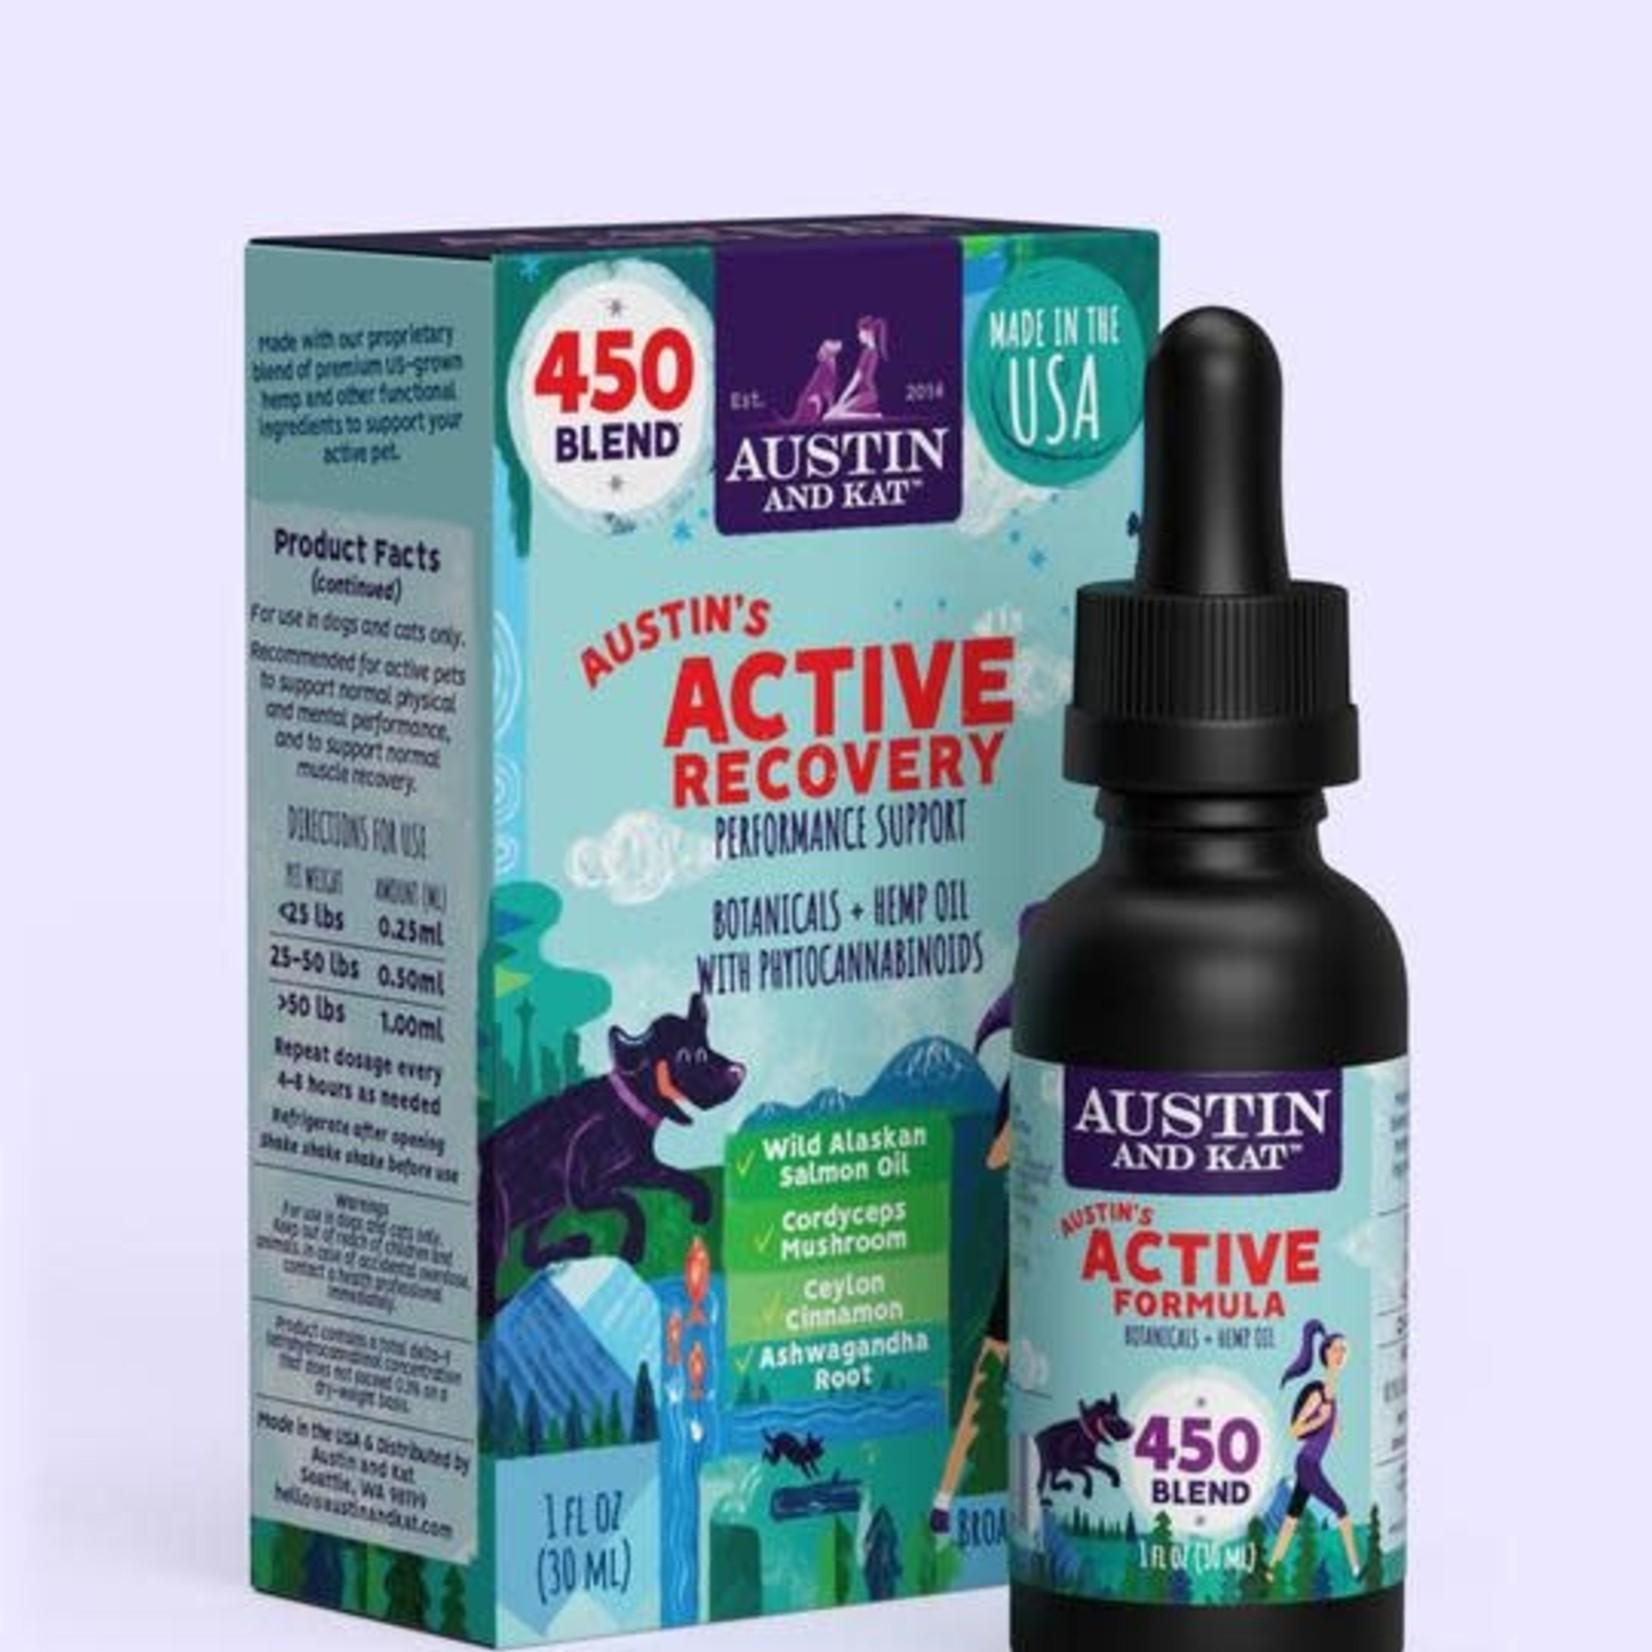 Austin and Kat Austin & Kat Hemp Oil Active Recovery 450 MG